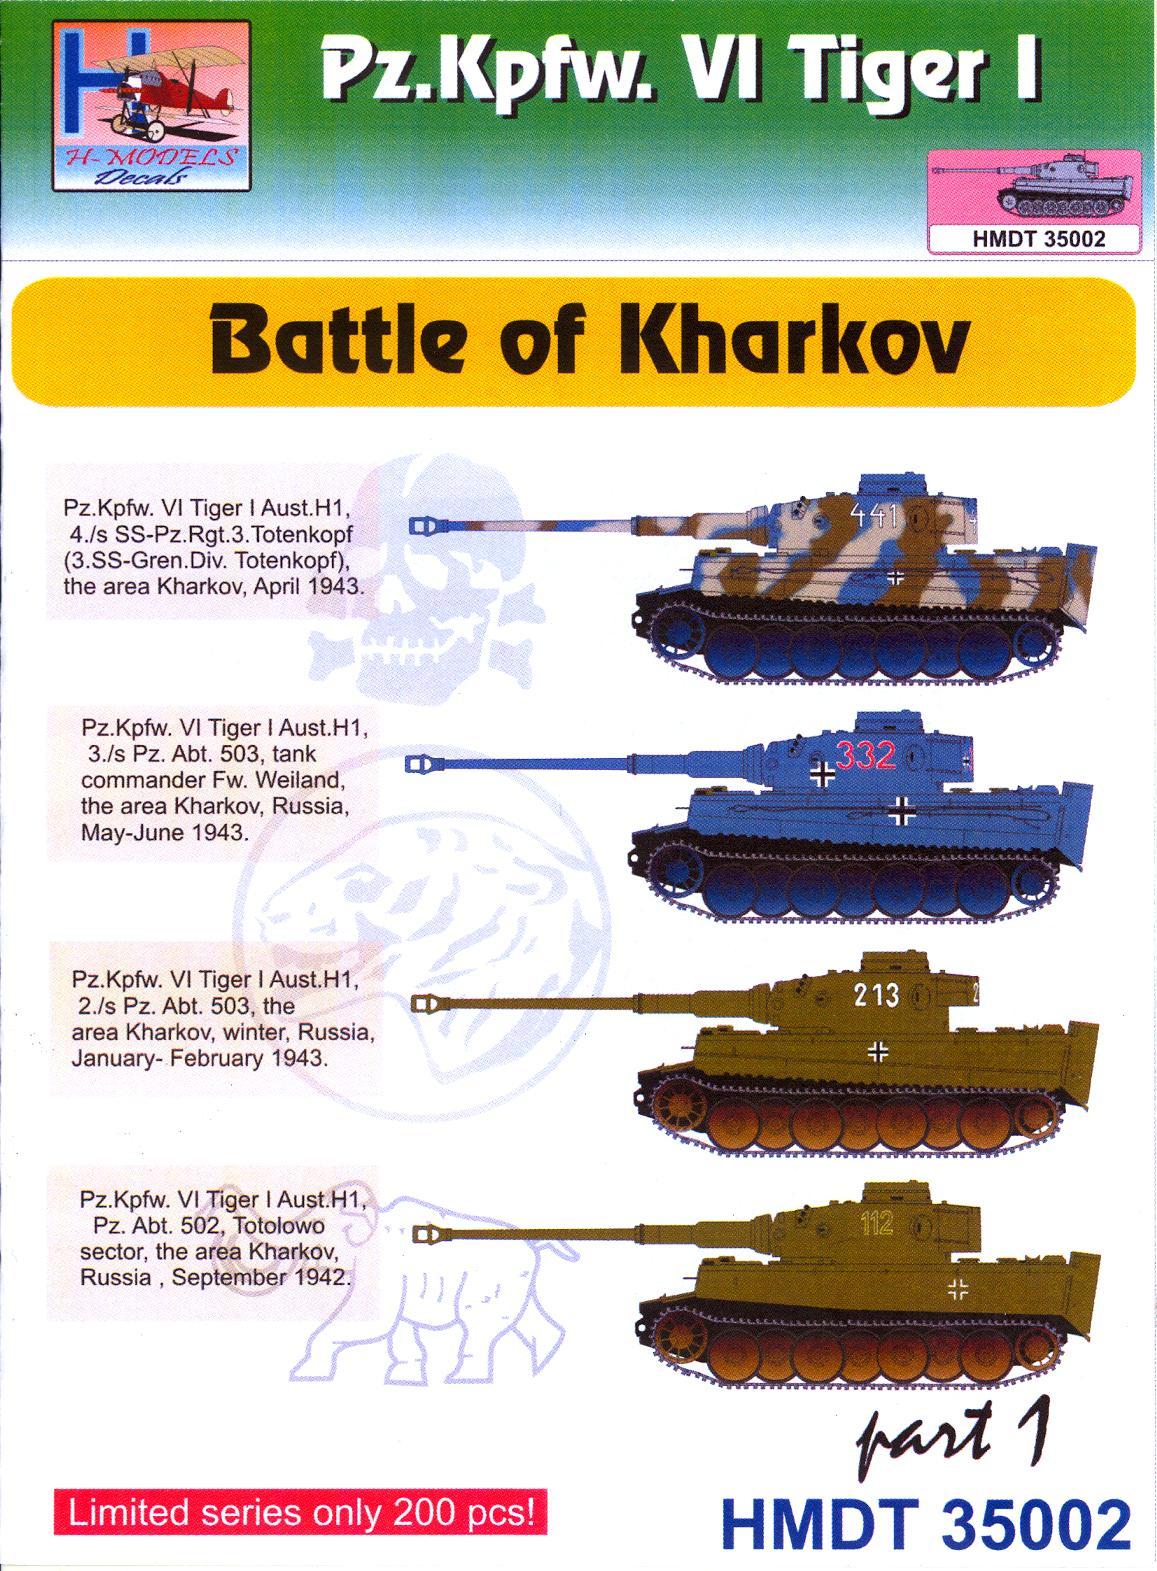 Details about h models decals 1 35 tiger i tank battle of kharkov